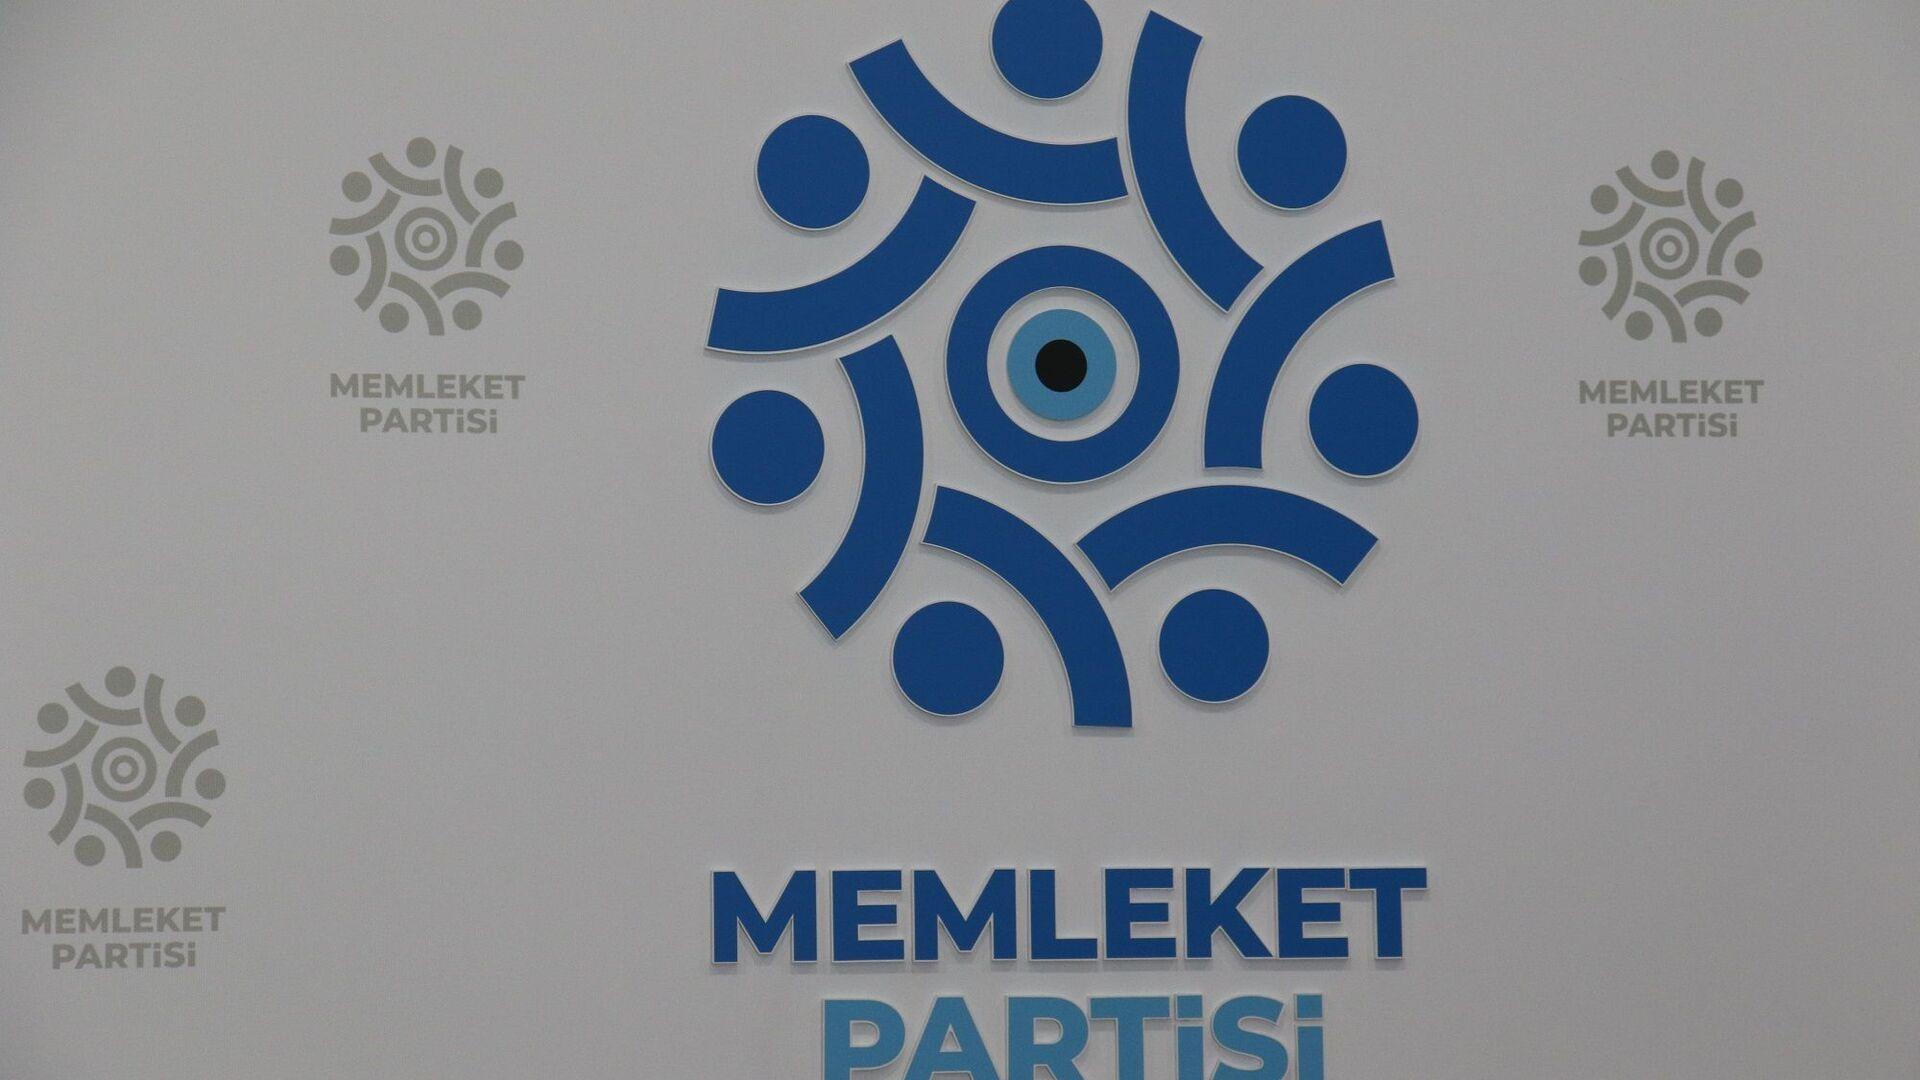 Memleket Partisi - Sputnik Türkiye, 1920, 18.05.2021